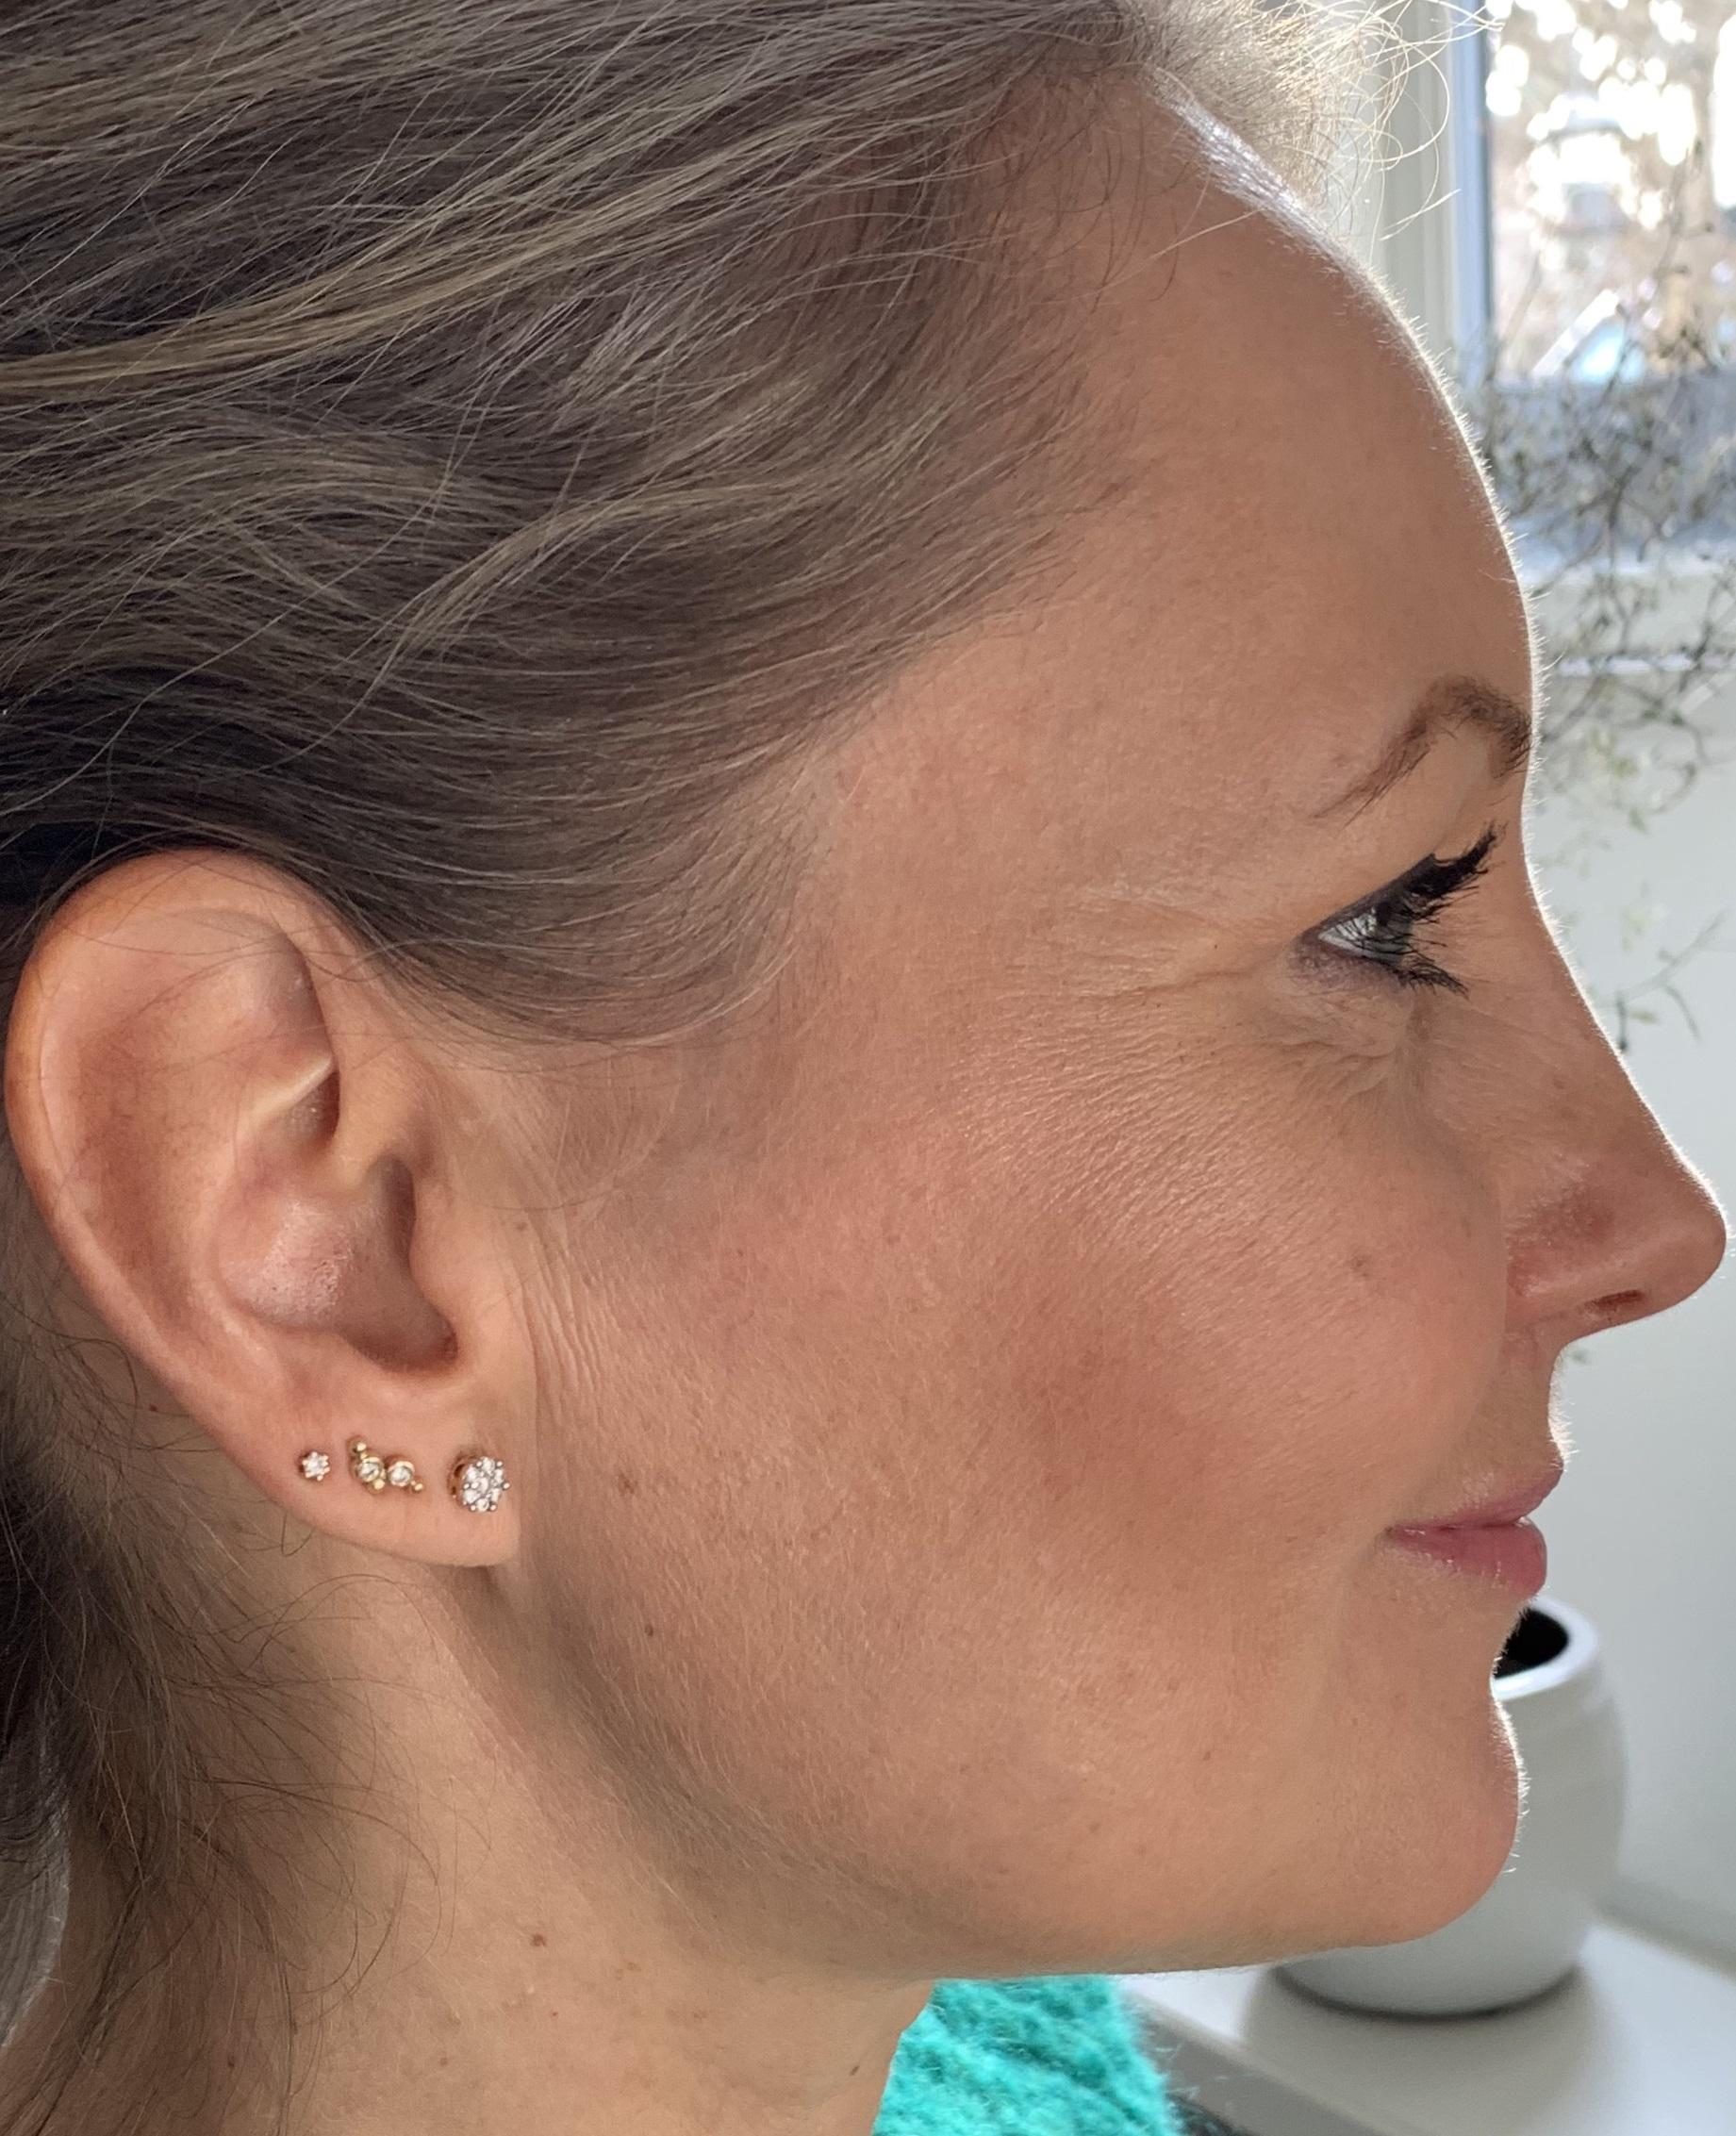 flere huller i øret